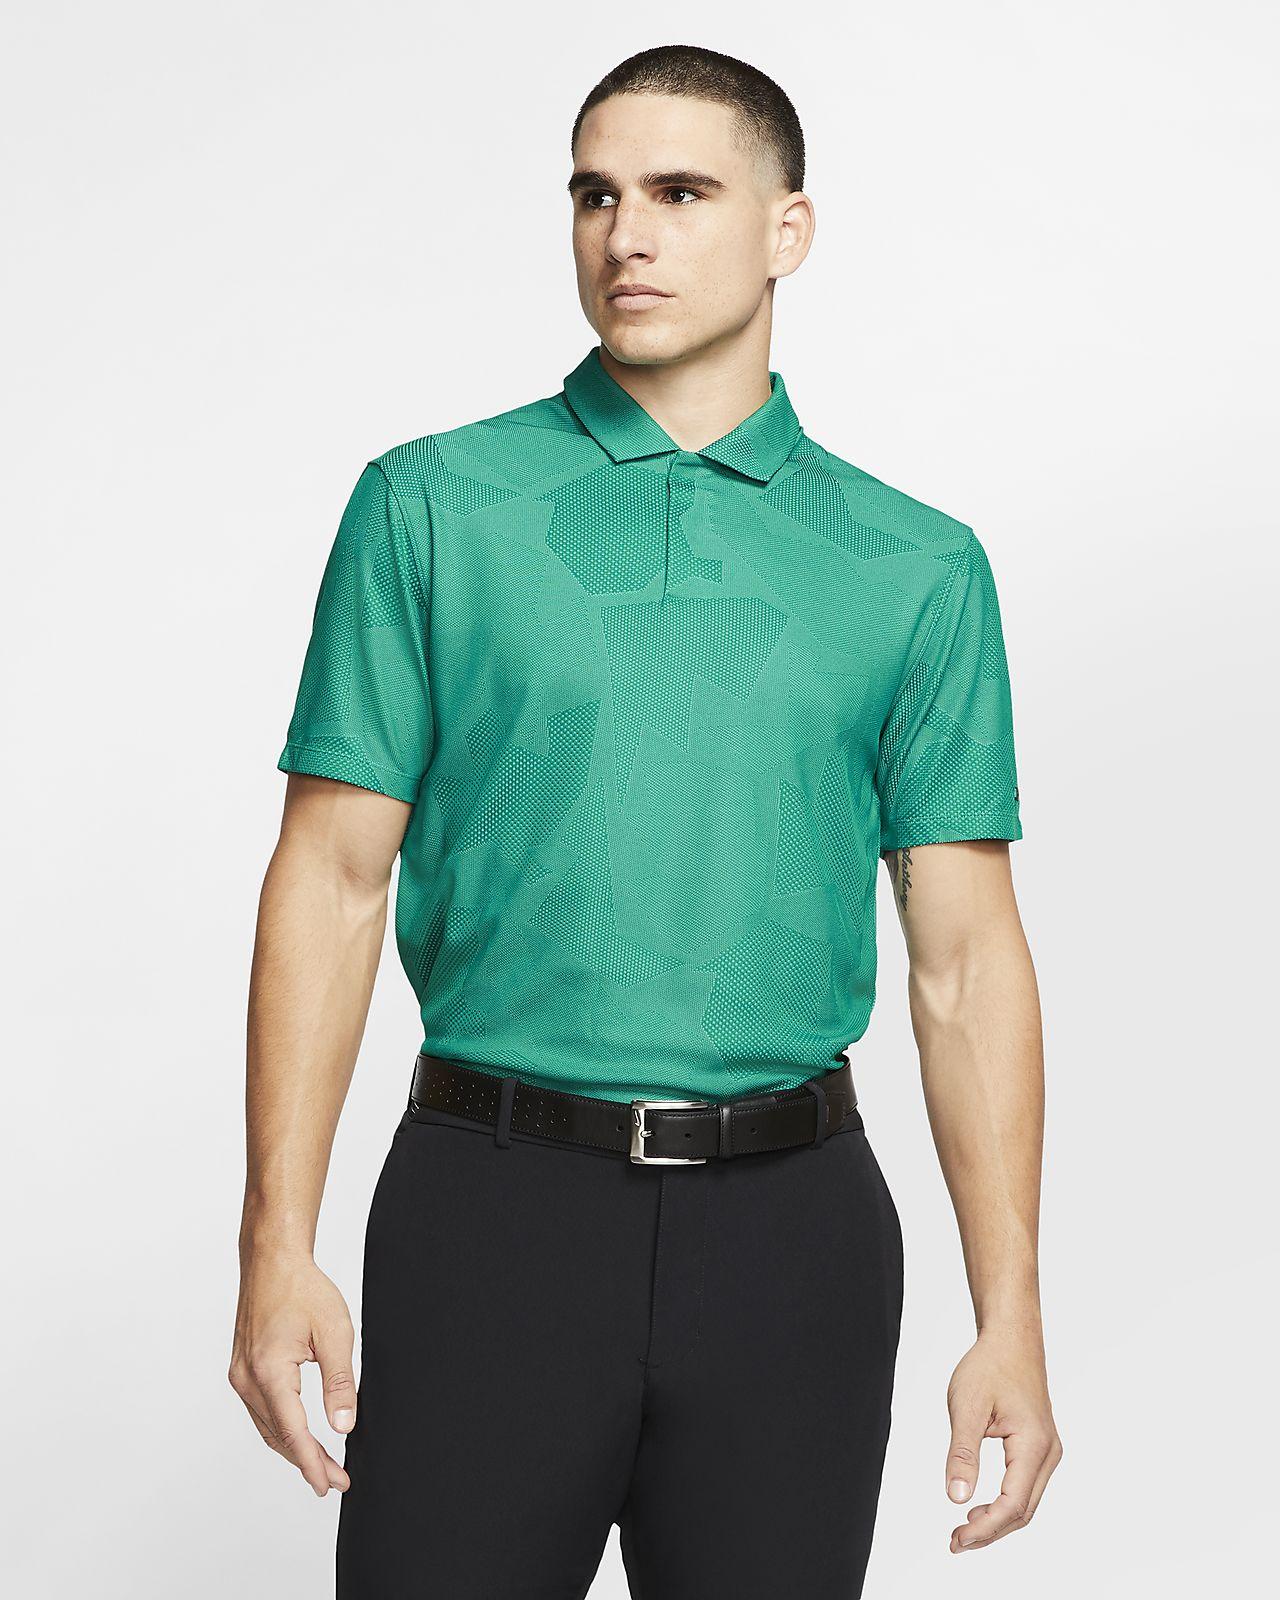 Nike Dri-FIT Tiger Woods férfi terepmintás golfpóló